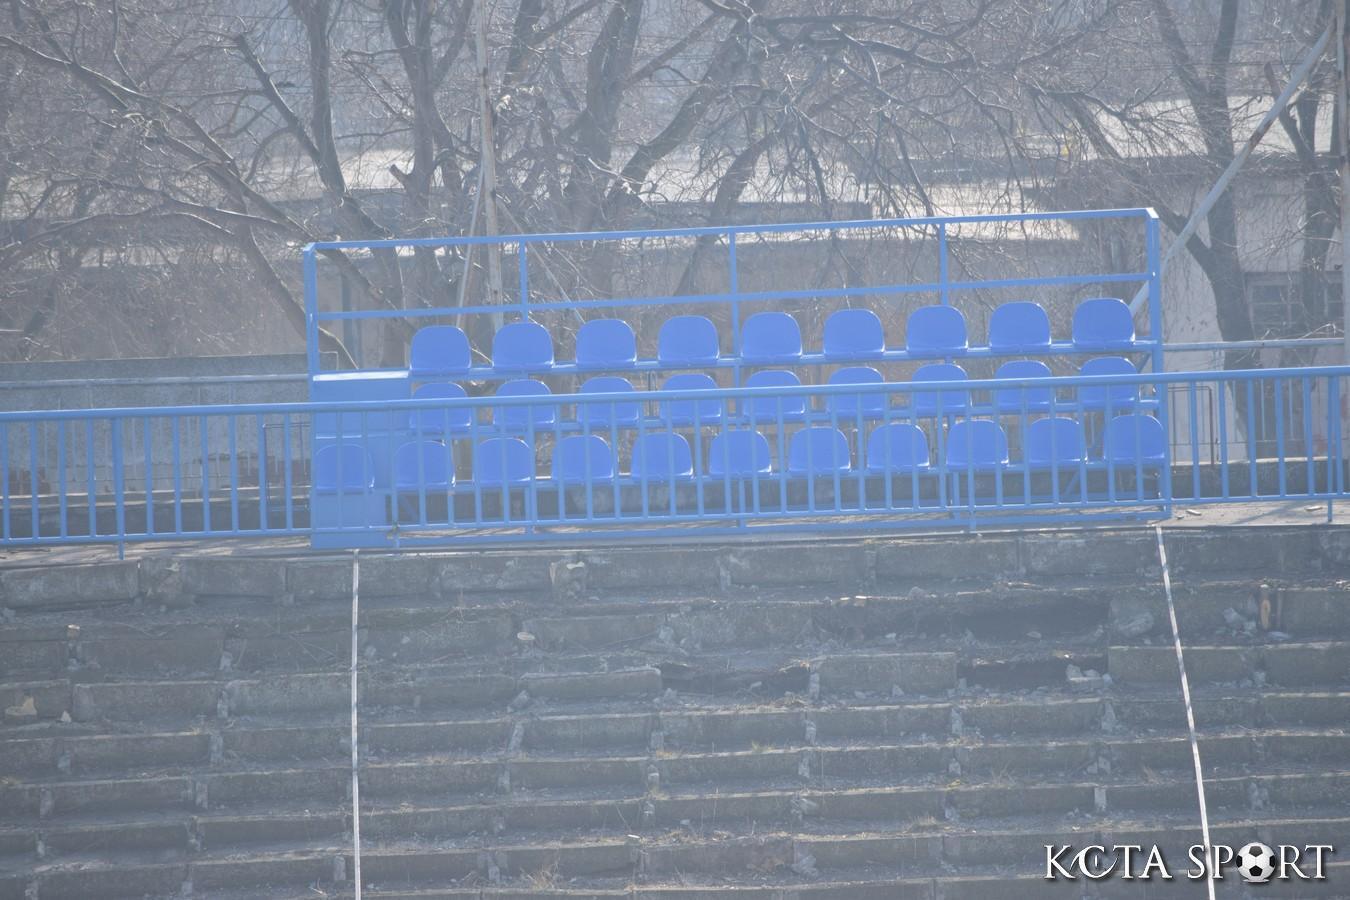 stadion chernomoretz 22